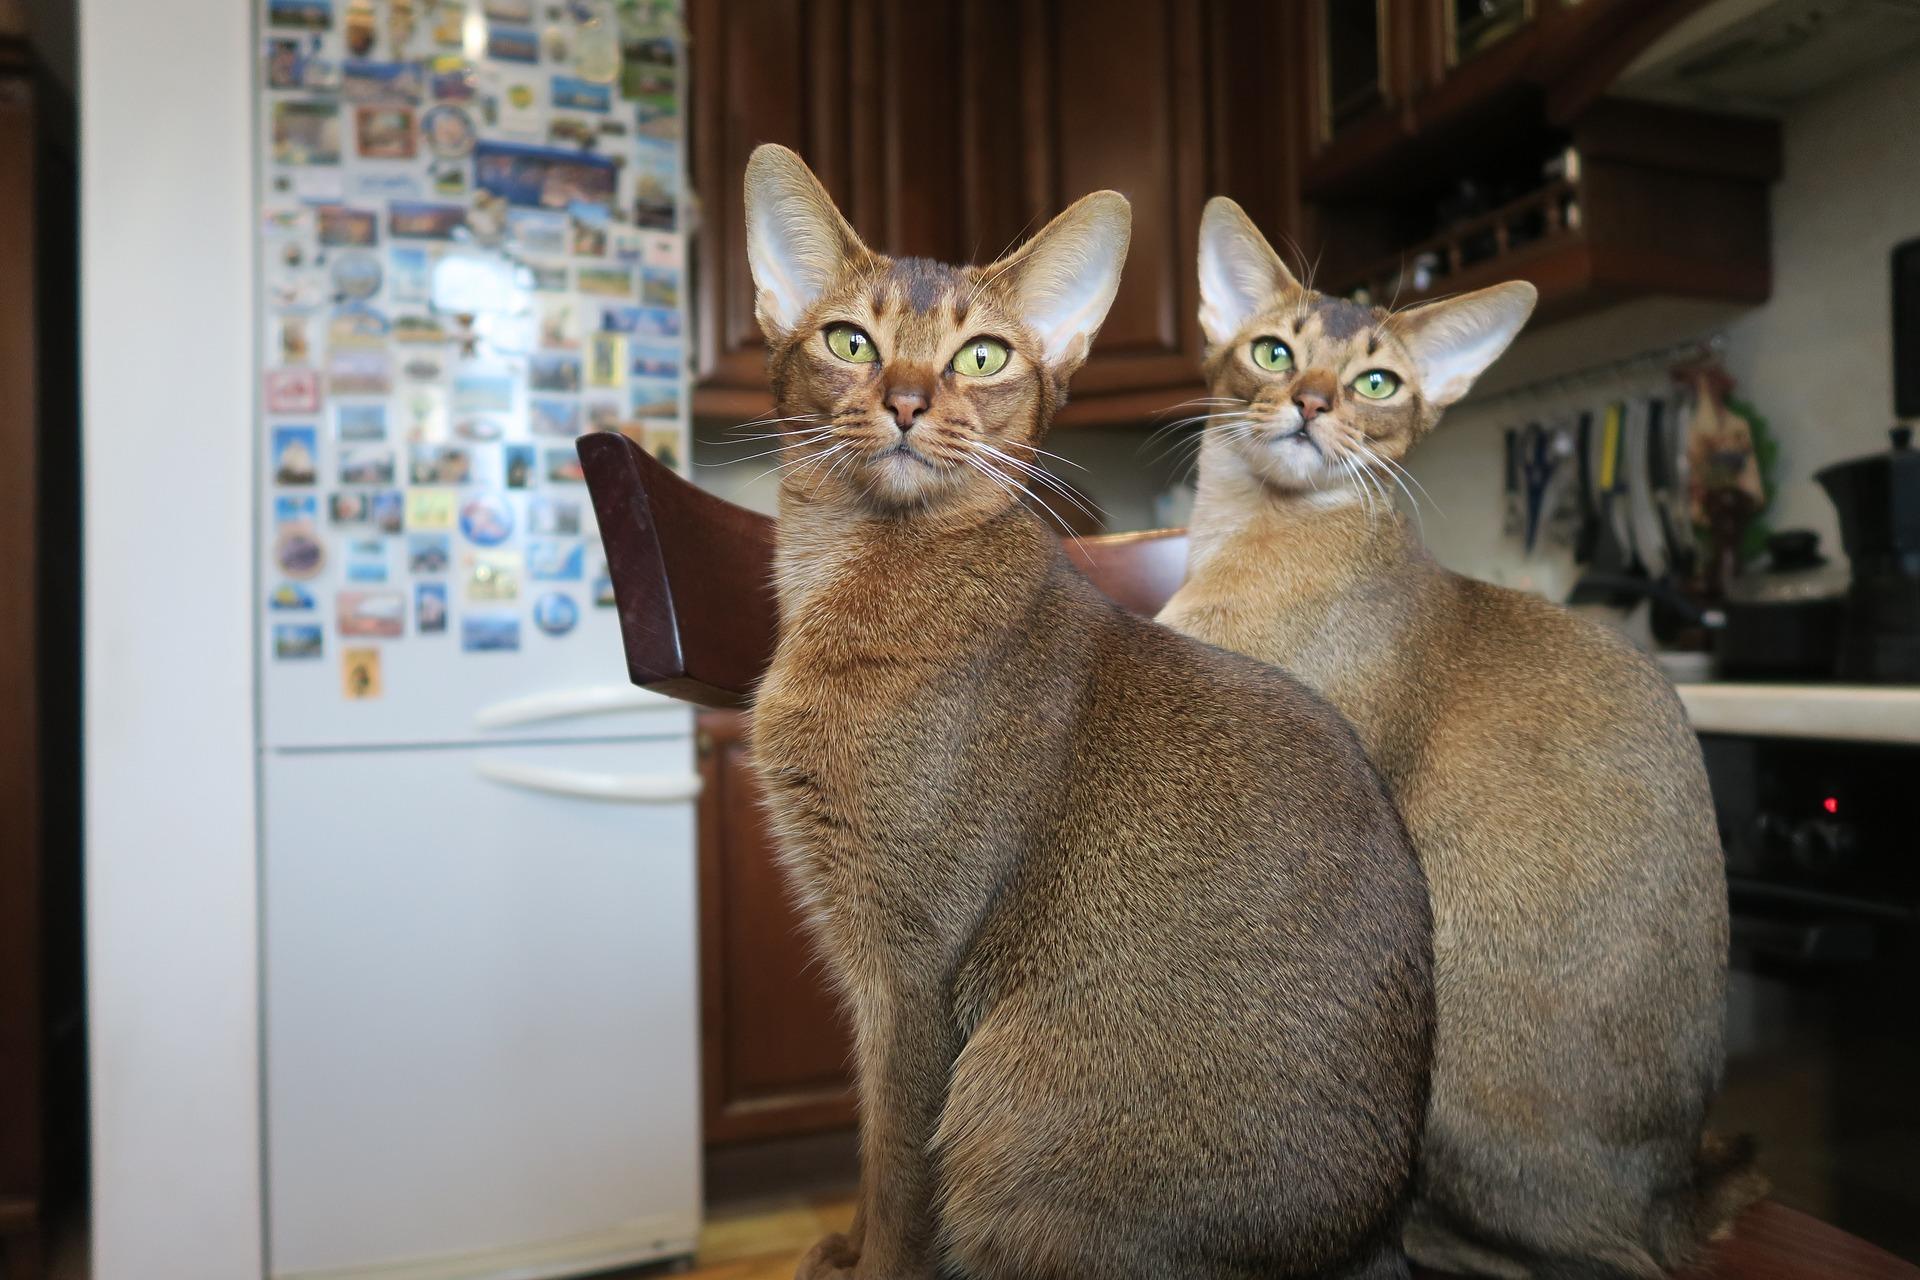 Przepiękne i inteligentne koty abisyńskie nie cieszą się jeszcze dużą popularnością w Polsce. Po odbudowie rasy po wojnach, dopiero zyskują fanów.